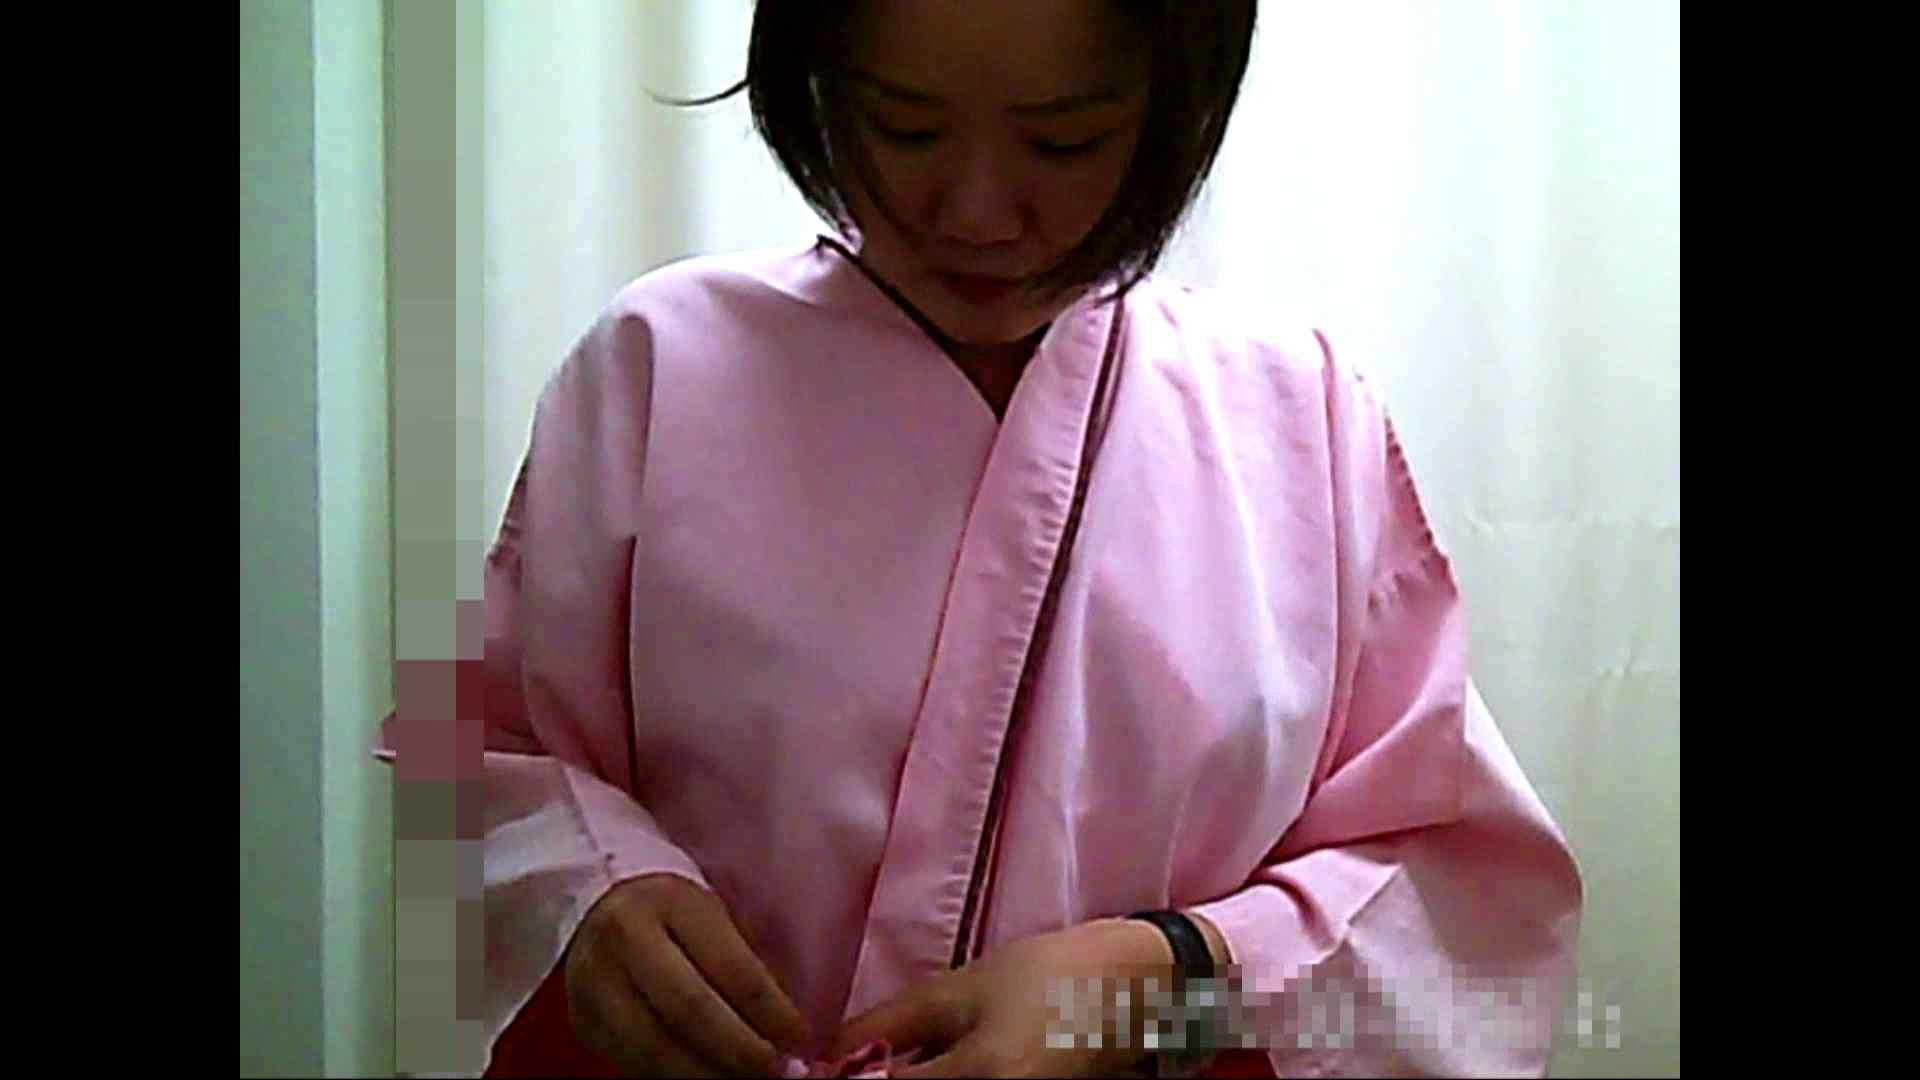 元医者による反抗 更衣室地獄絵巻 vol.069 ギャル  108PIX 104